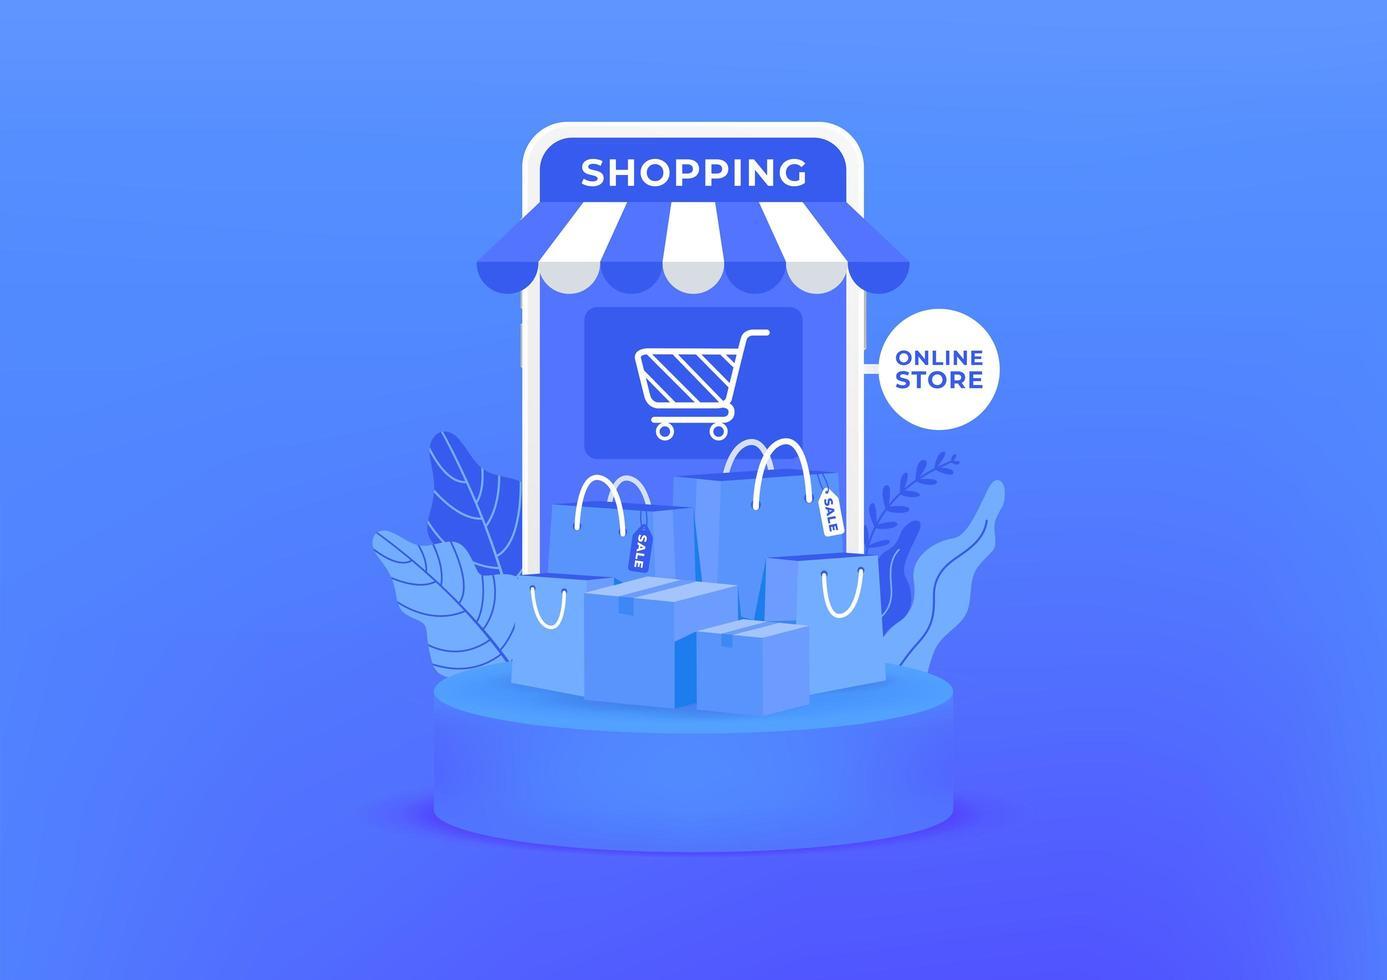 Online-Shopping auf dem Handy. Einkaufstaschen und Kisten auf blauem Hintergrund. Online-Shop auf mobile Anwendung. vektor